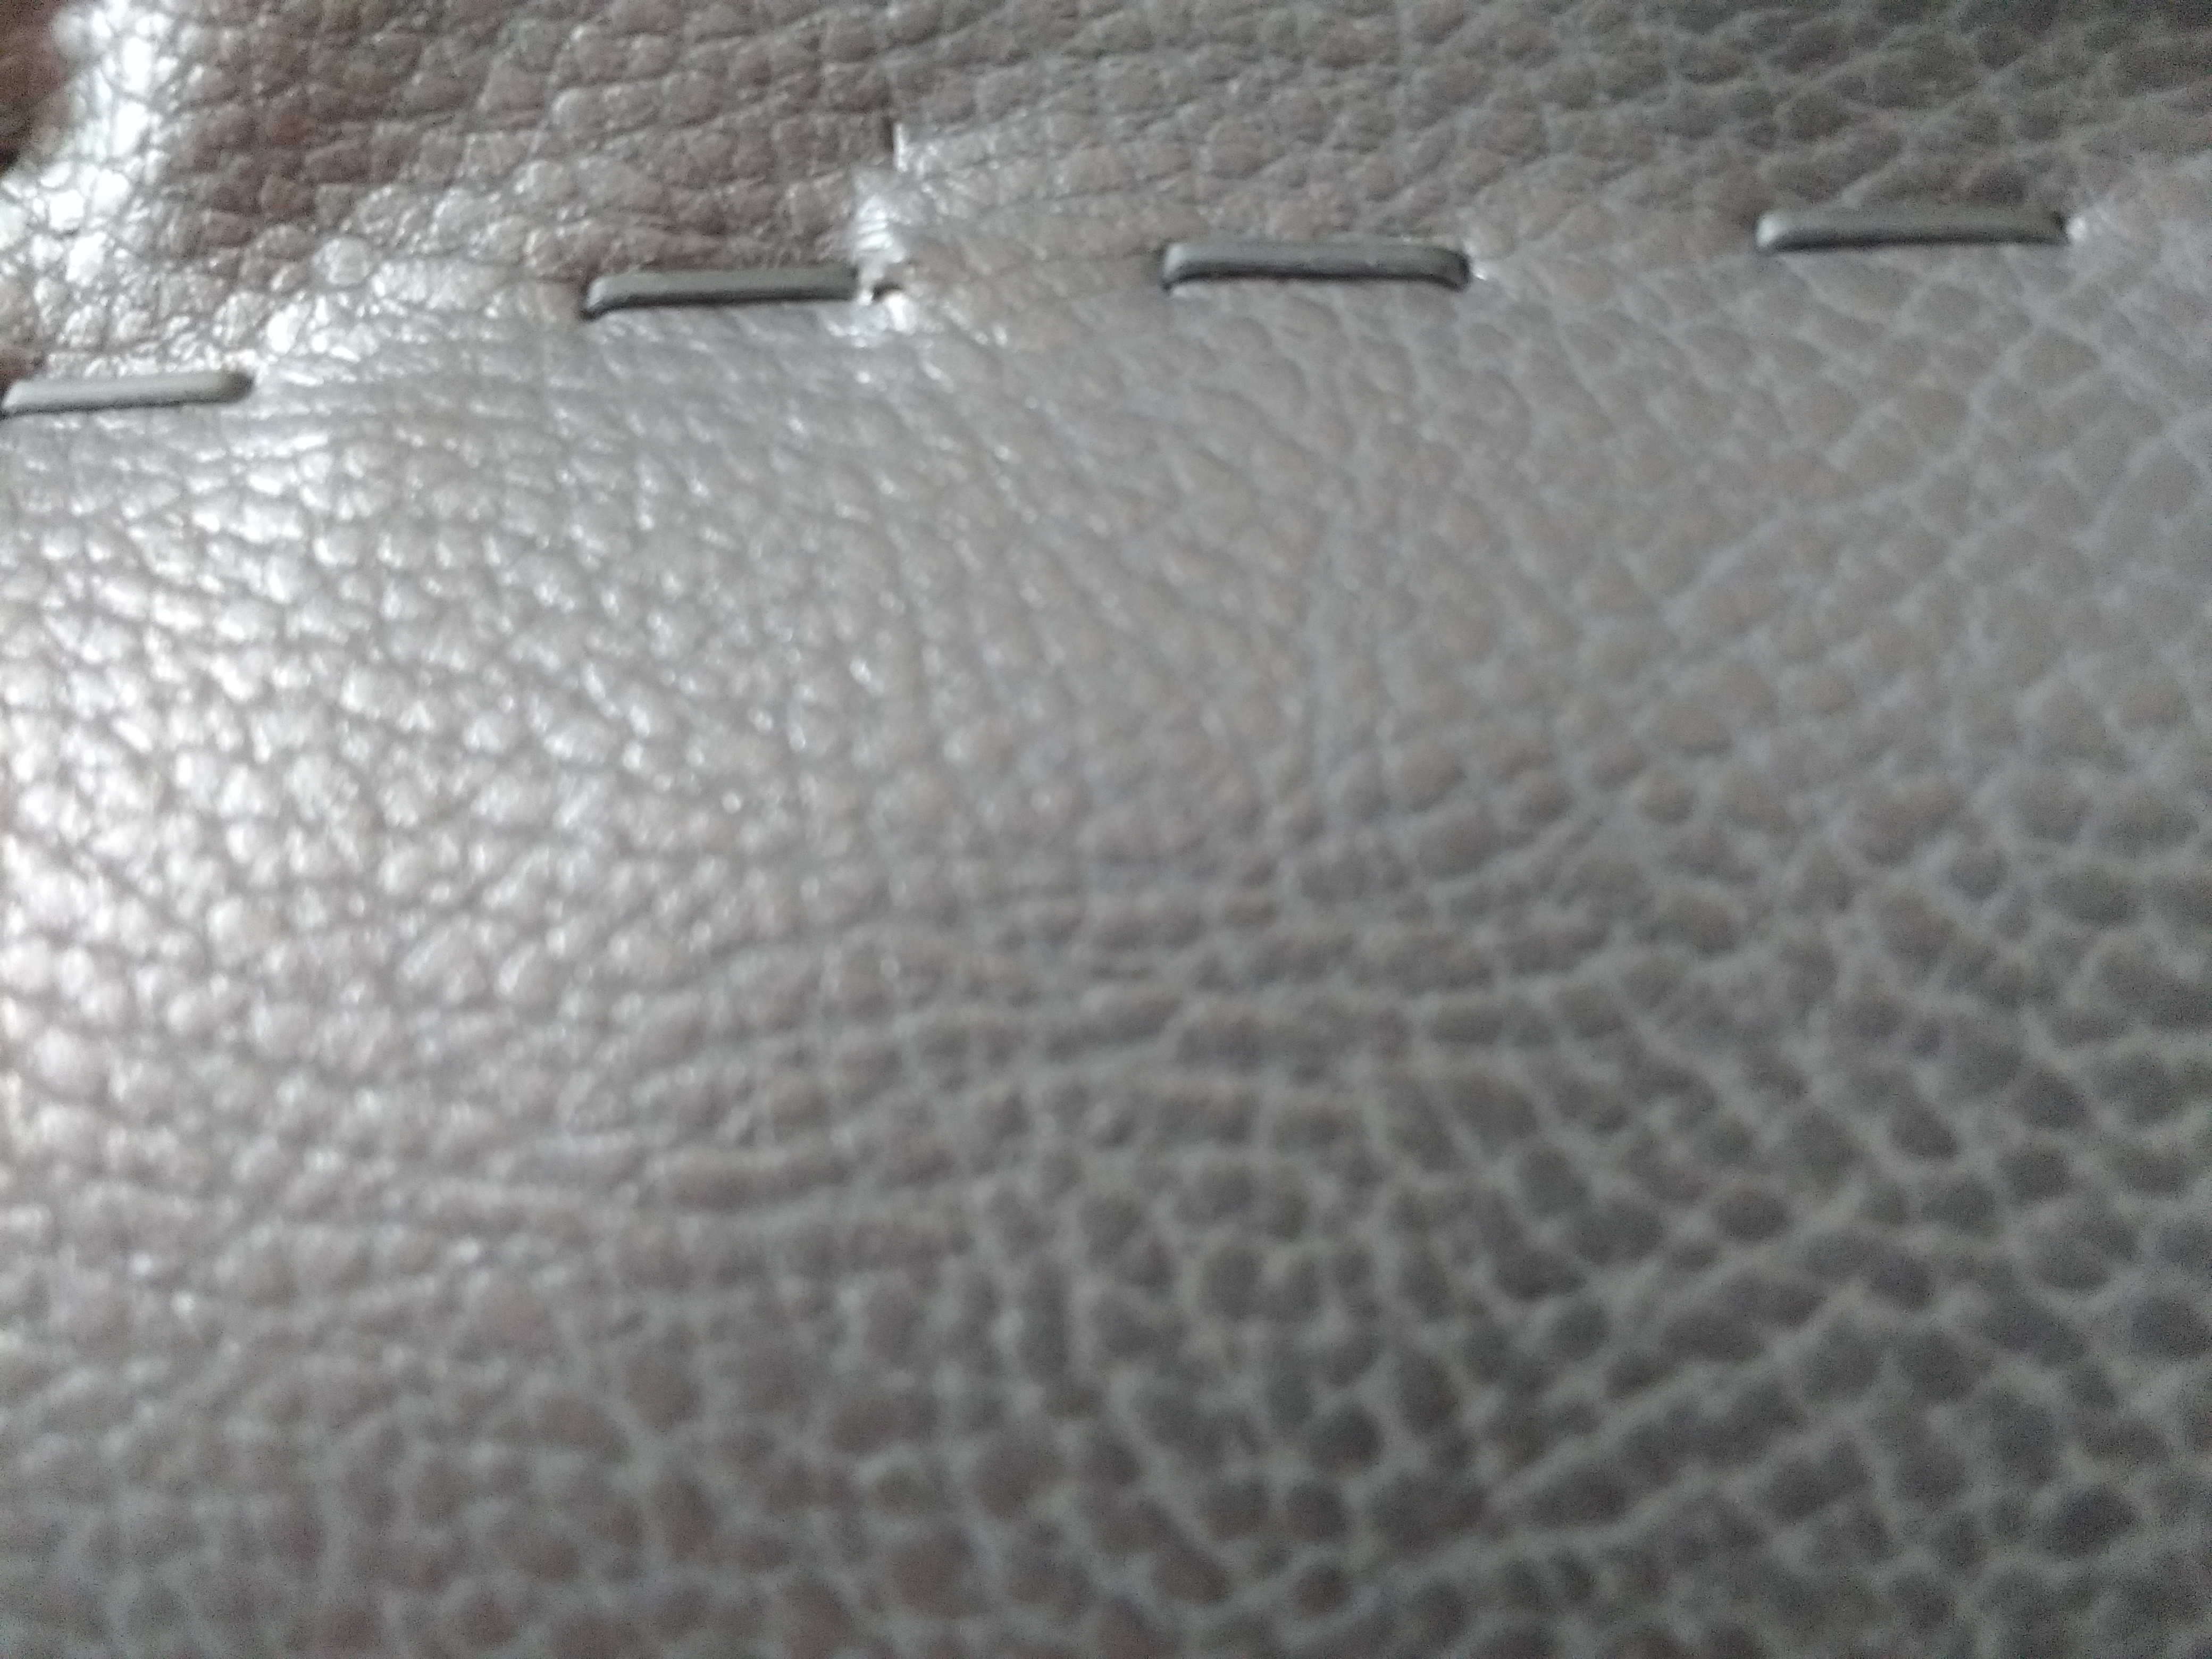 diy fauteuil voltaire retapisser un fauteuil tapisser un fauteuil refaire - Retapisser Un Fauteuil Voltaire